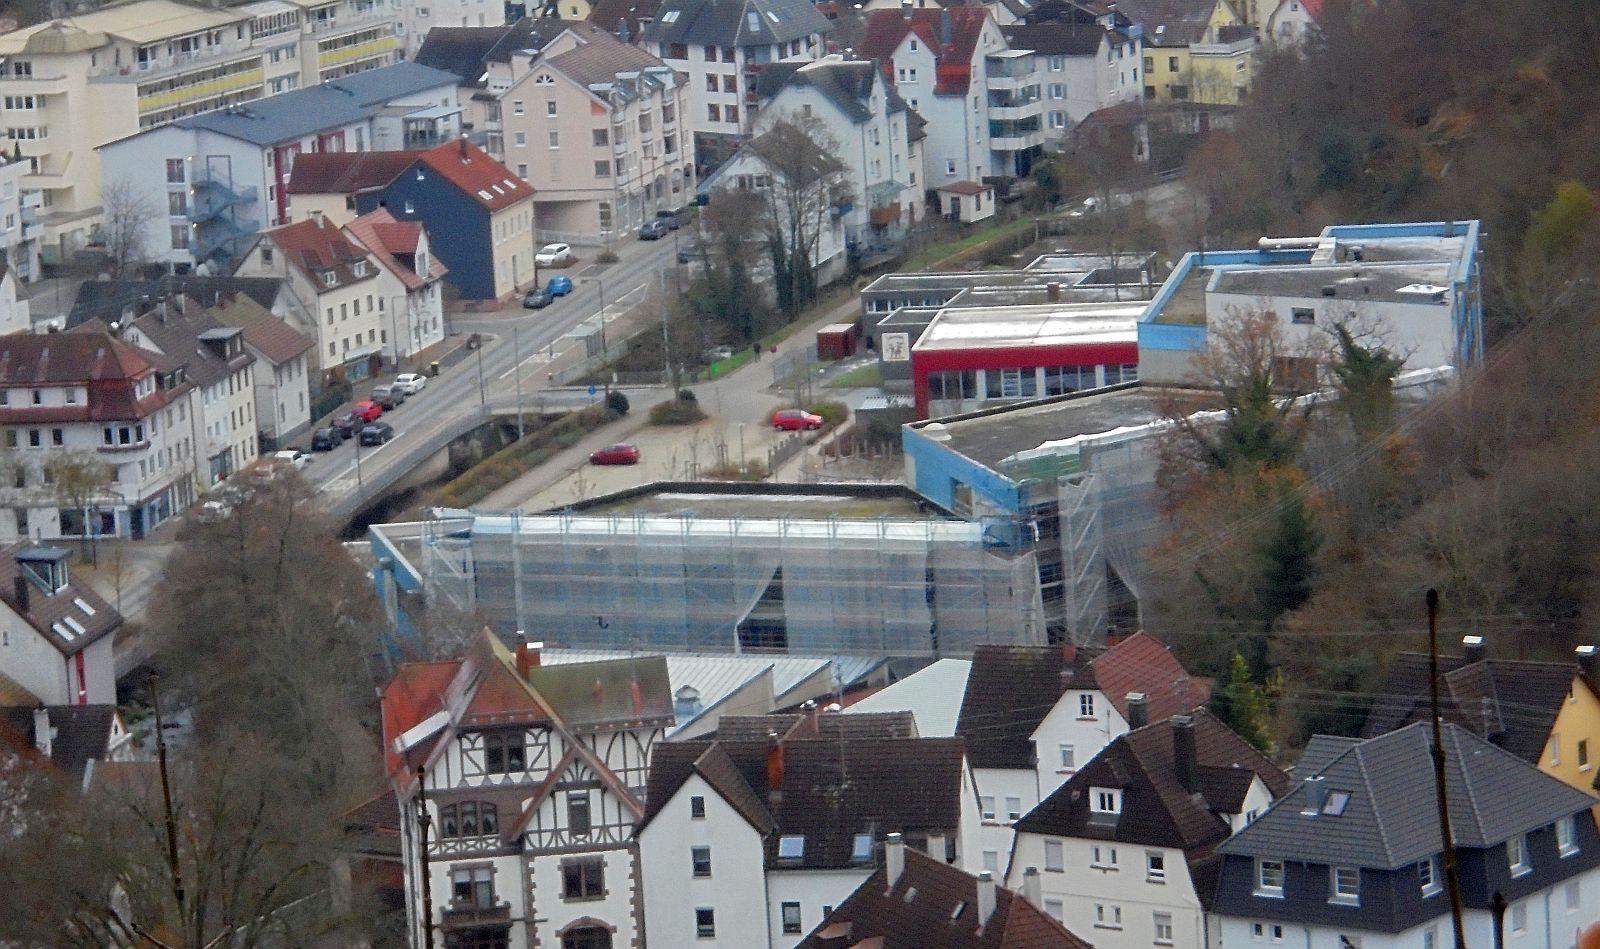 Fassadensanierung am Gymnasium im November 2020. Archiv-Foto: him